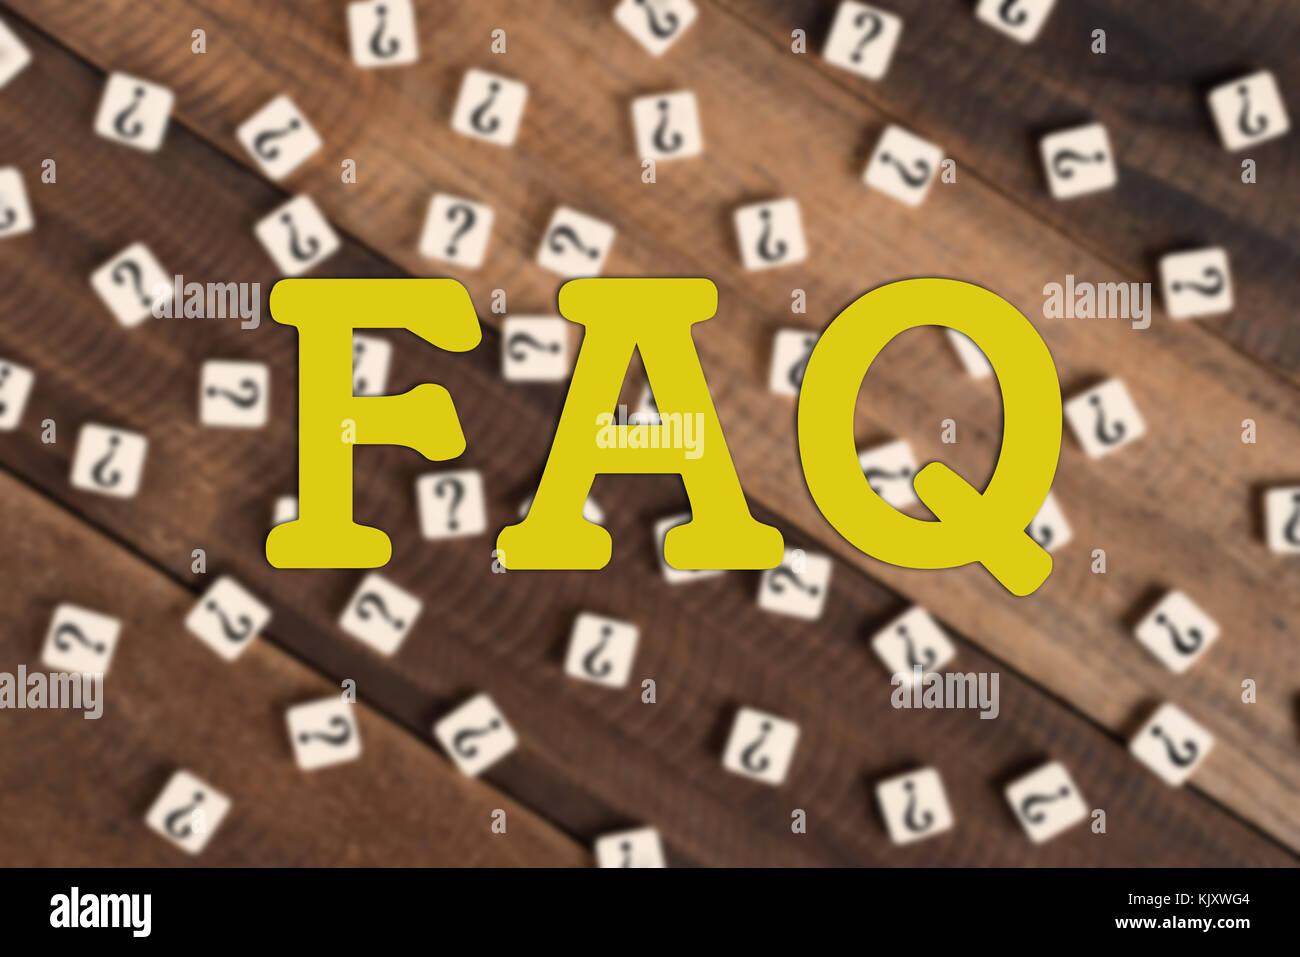 Domande più frequenti faq acronimo testo in vintage